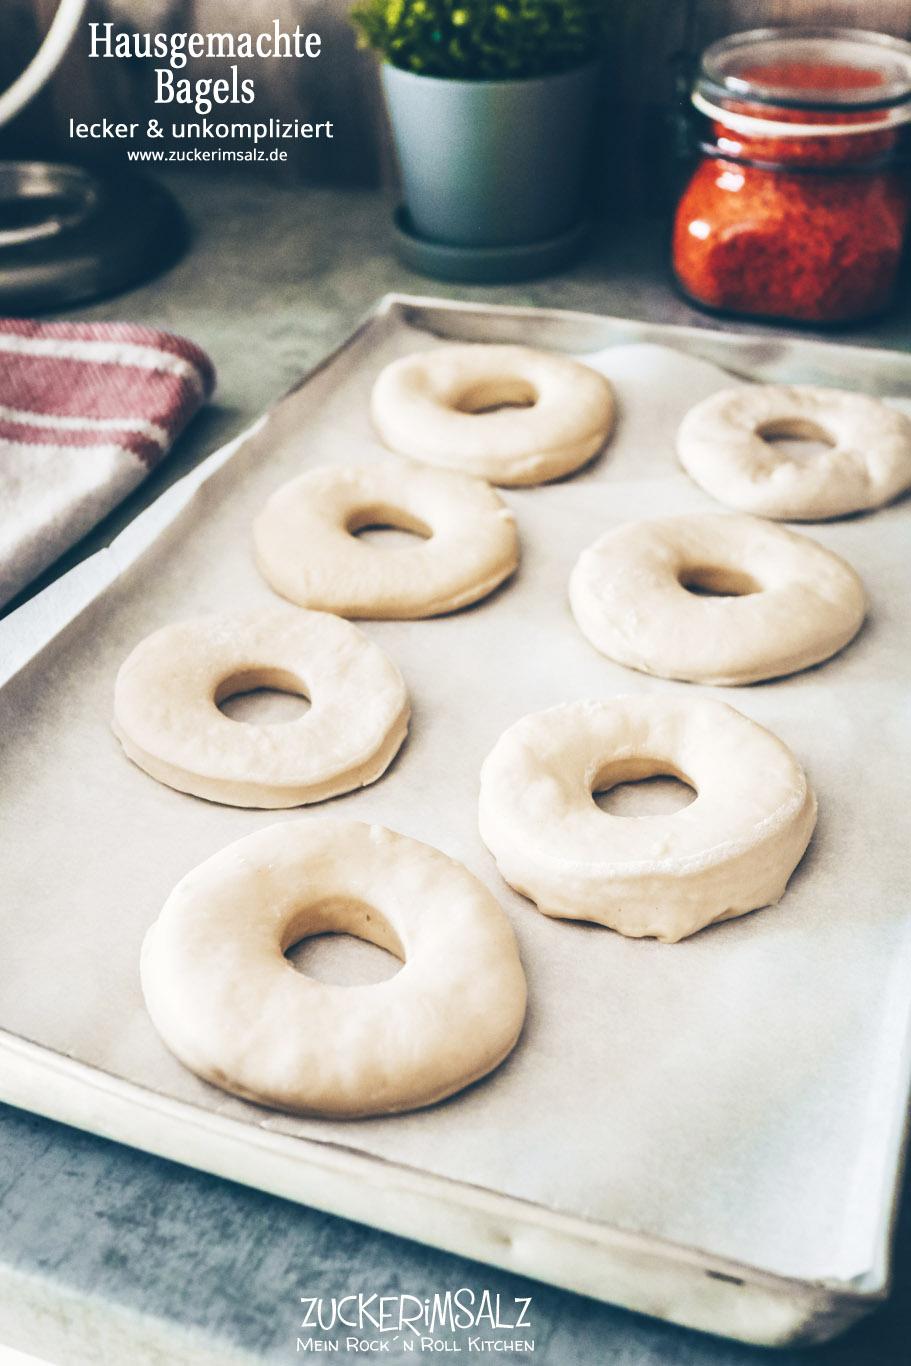 Bagels, Hausgemacht, selbstgemacht, homemade, lecker, einfach, unkompliziert, ohne Natron, Zuckerimsalz, backen, Brötchen, schnell